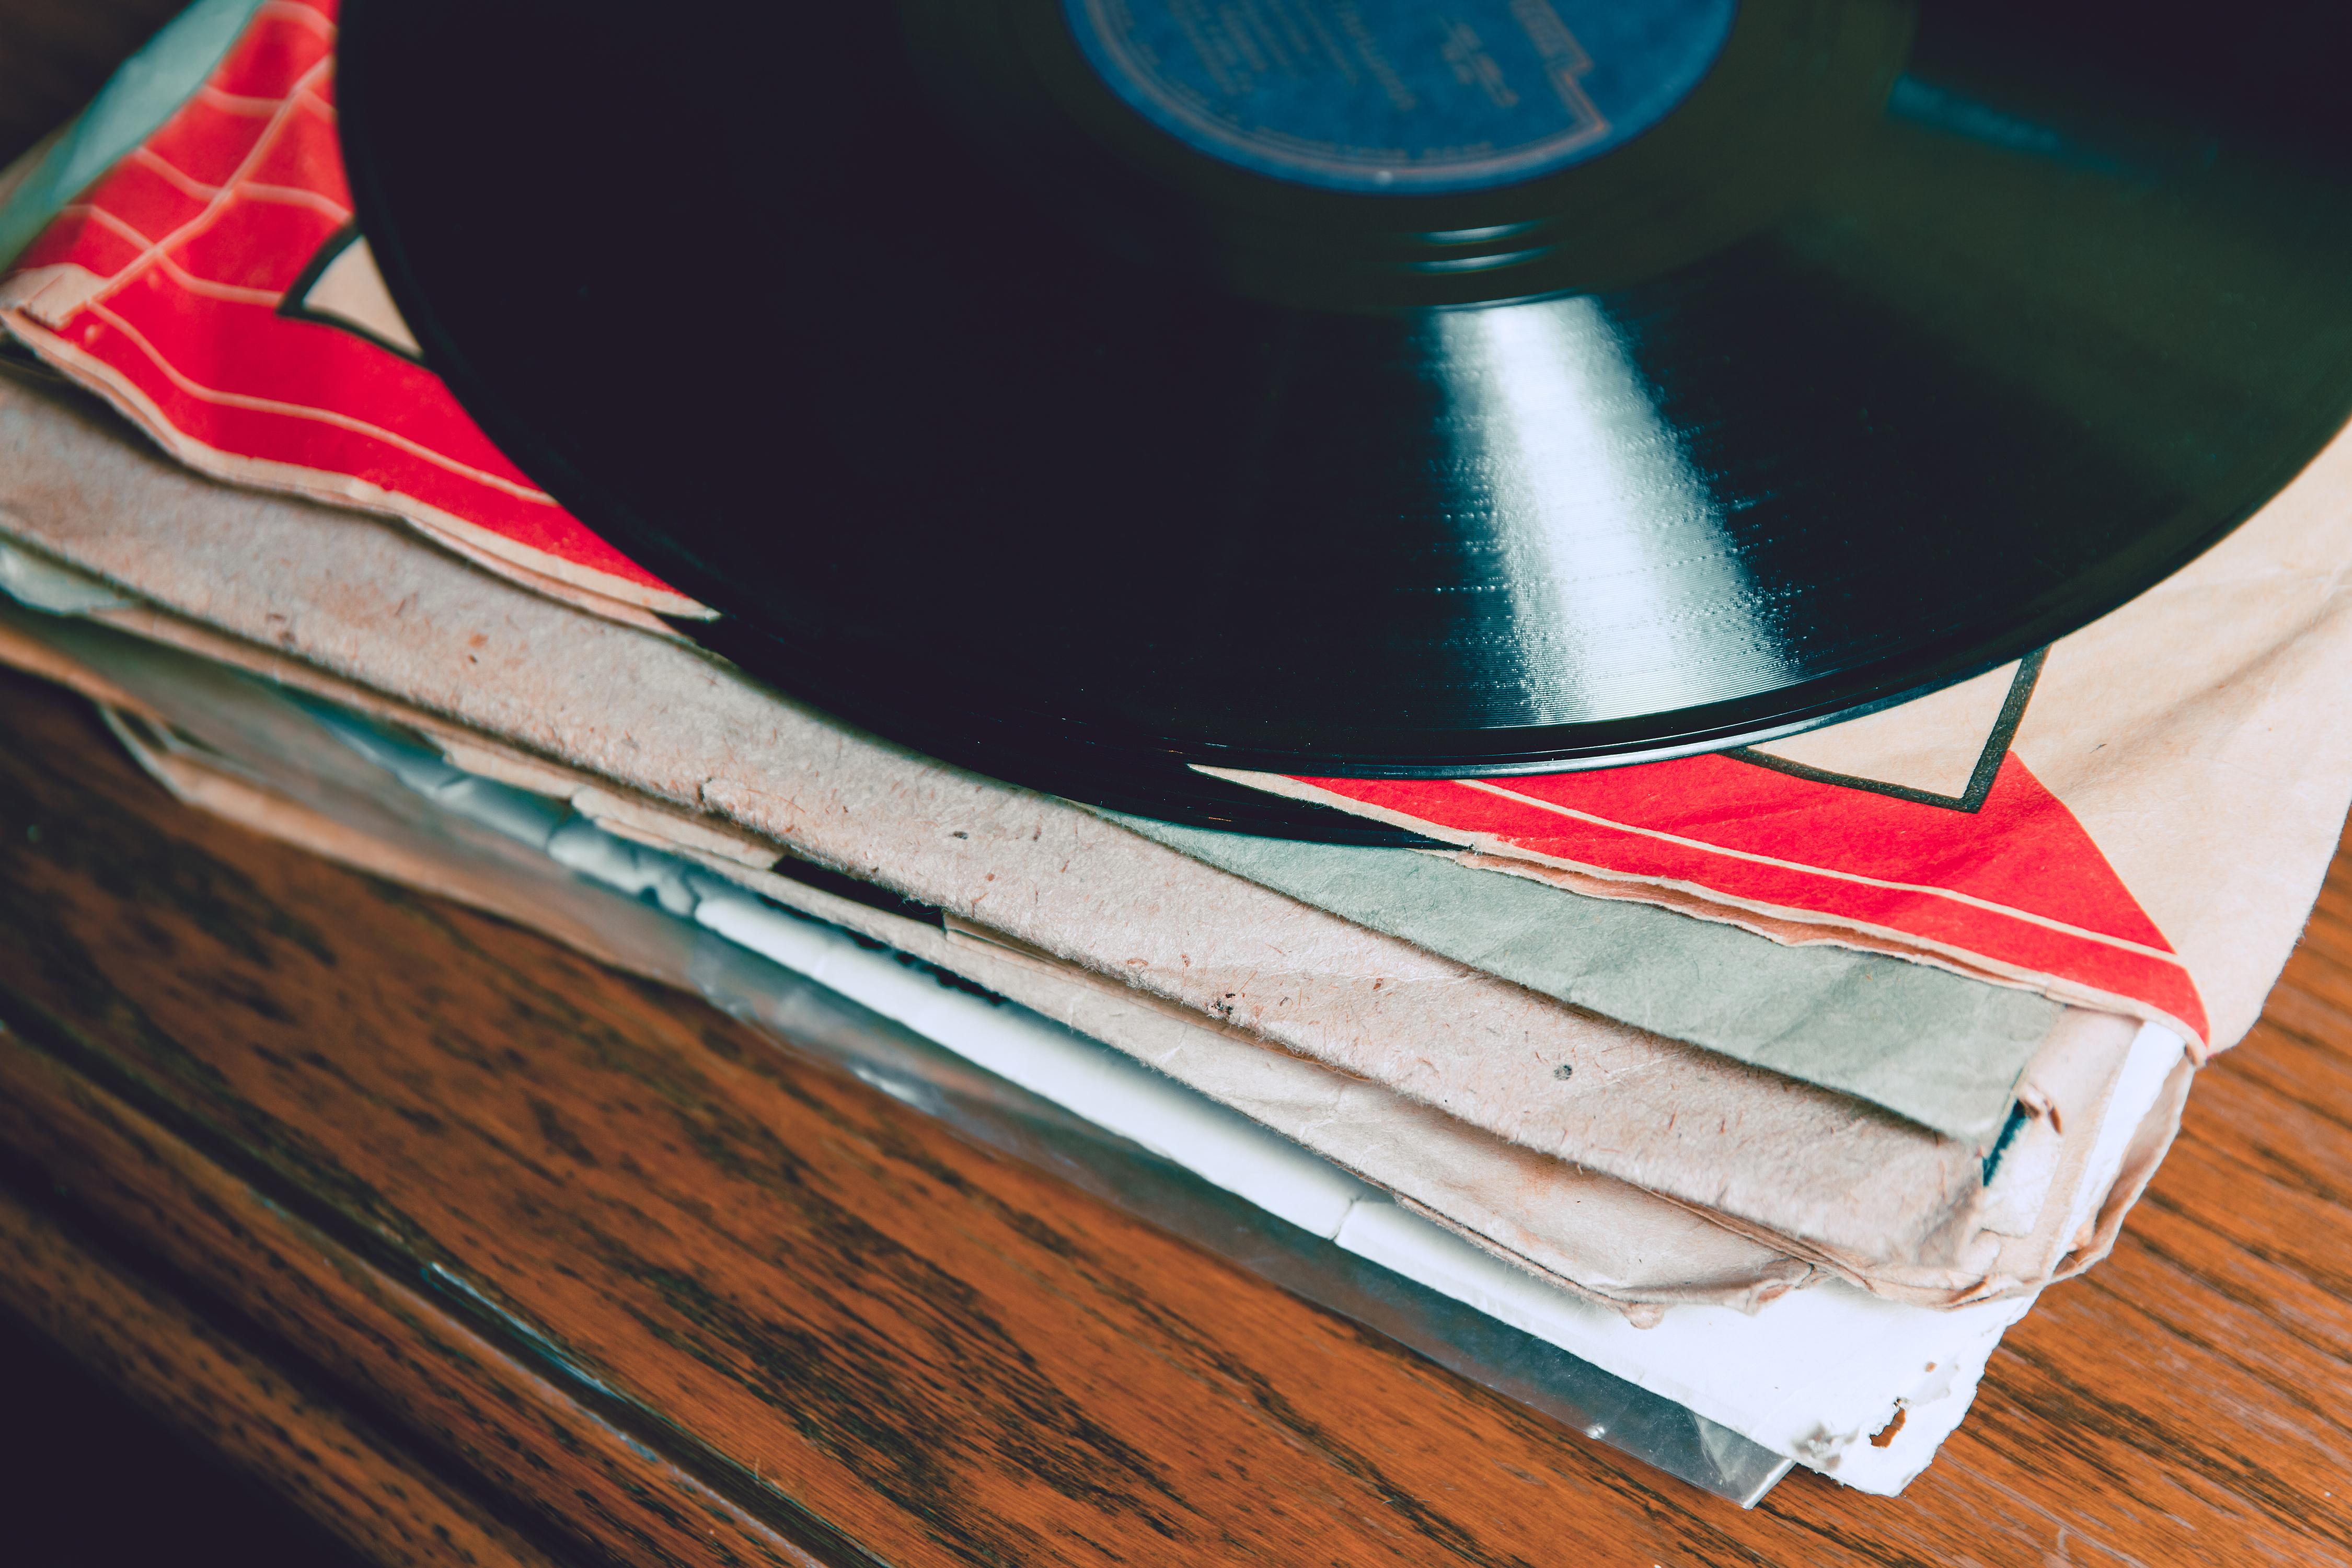 レコード-処分-廃棄